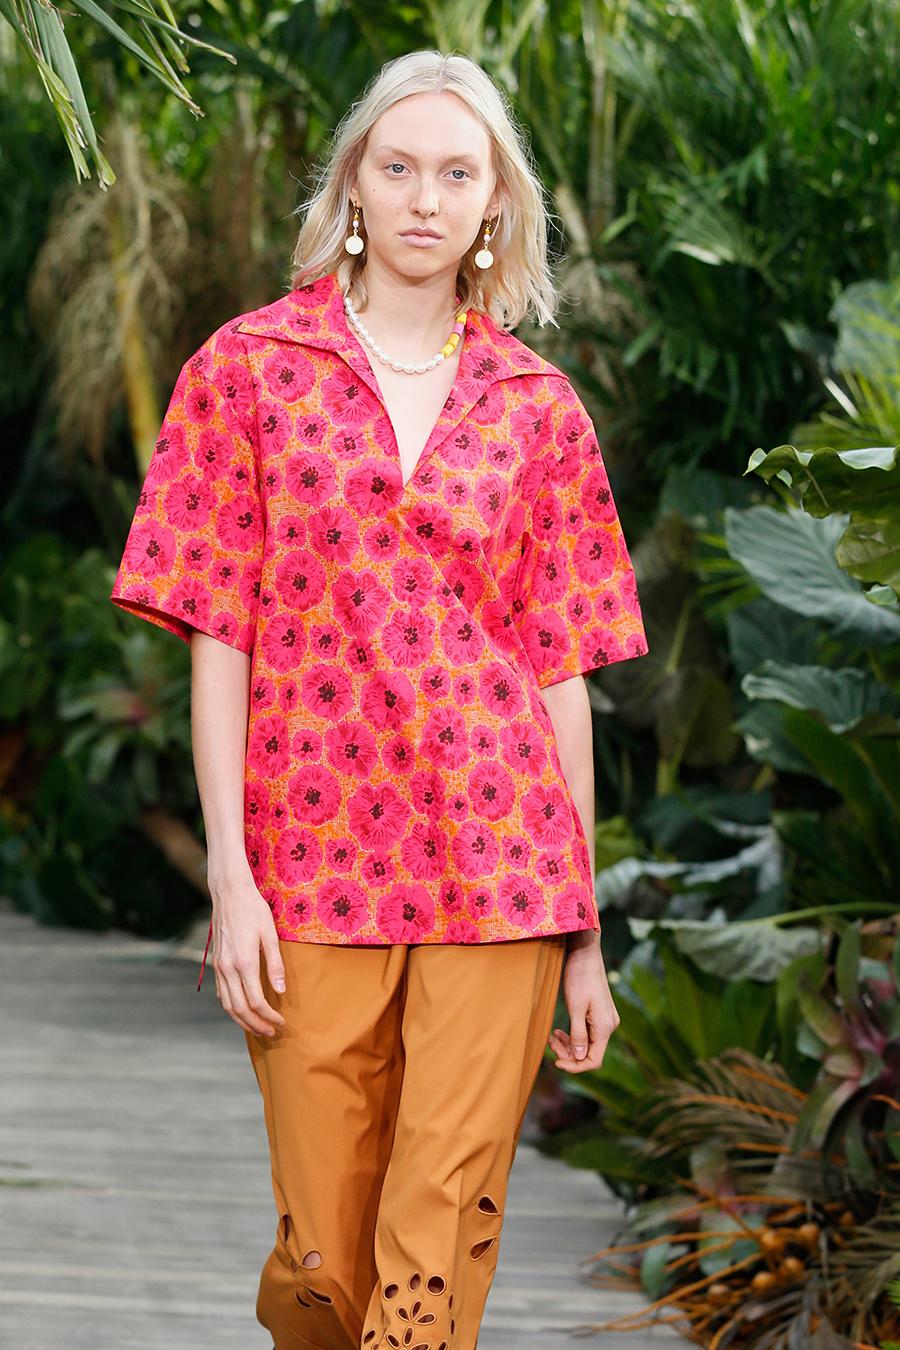 модная блуза блузка рубашка оборкипринты 70-х розовая оранжевая цветы